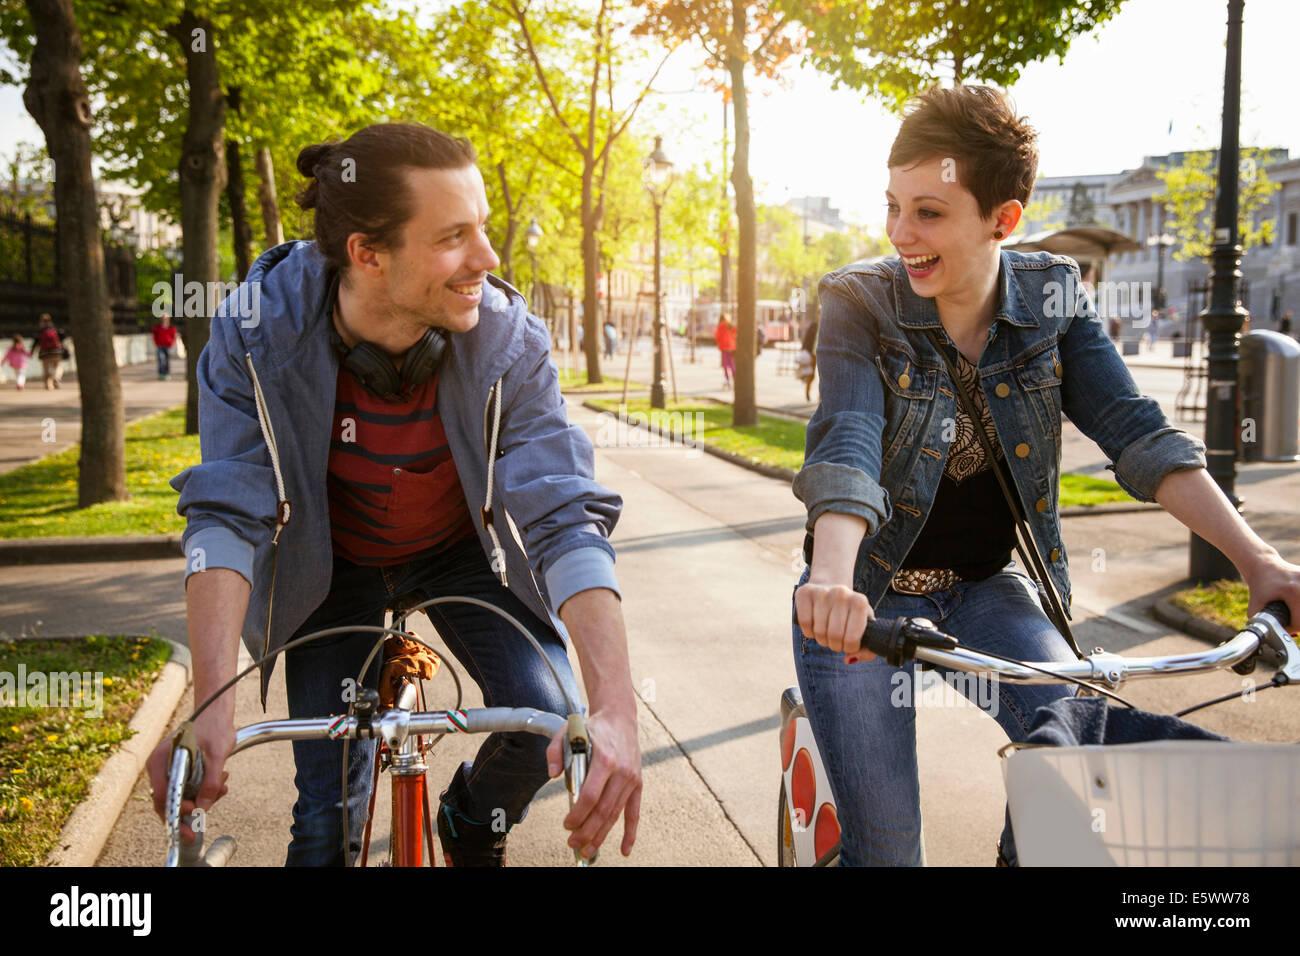 Pareja de jóvenes adultos en bicicleta a través de la ciudad de Viena, Austria Imagen De Stock